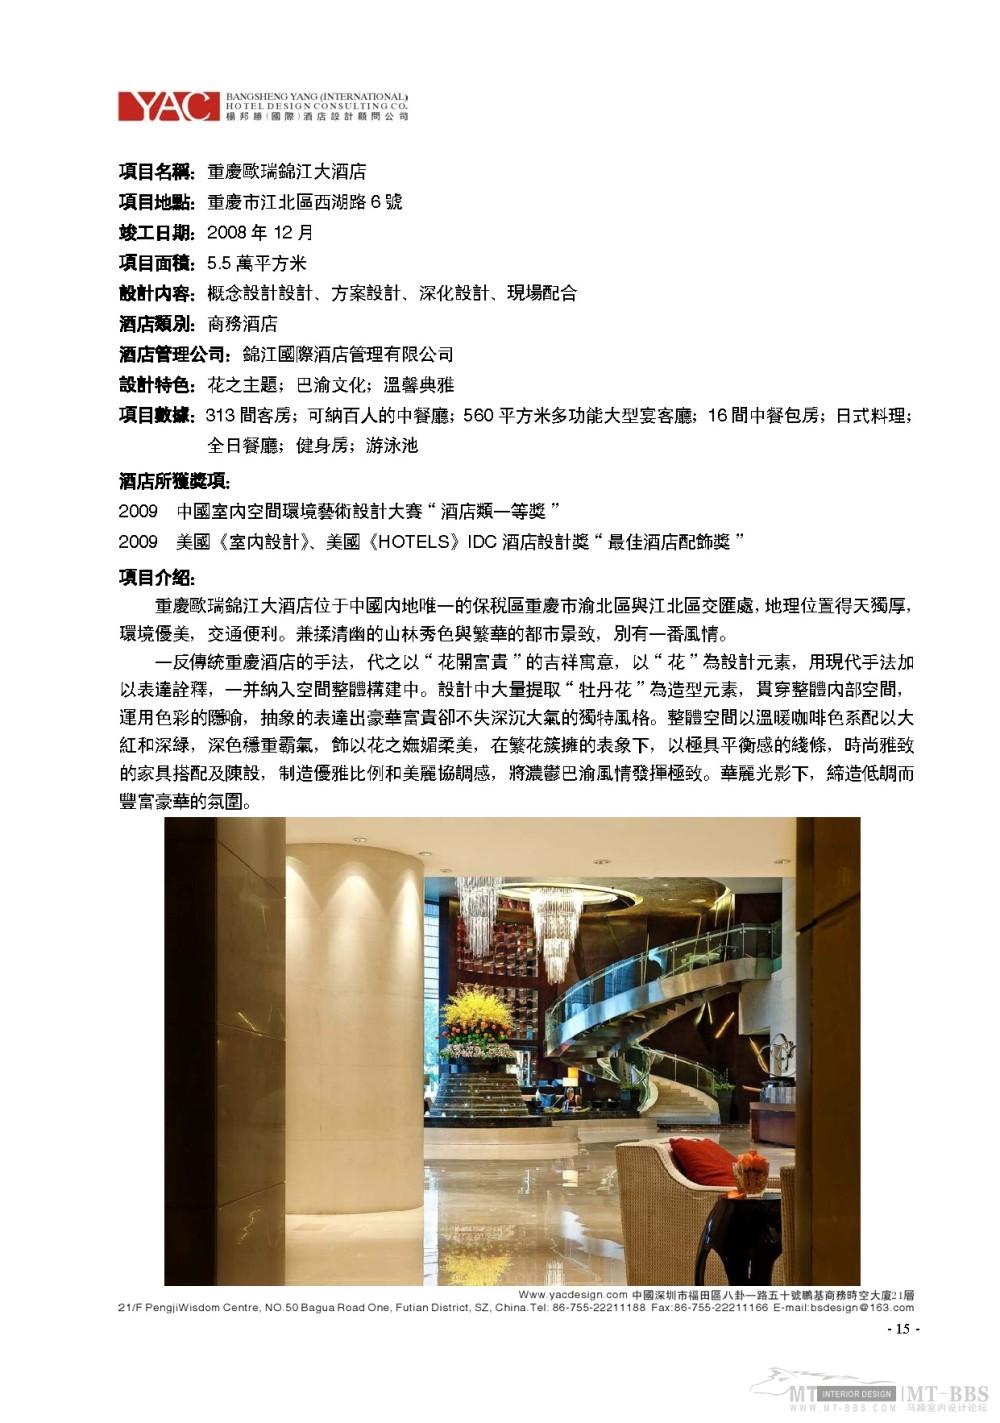 杨邦胜_2011.03.30YAC(国际)杨邦胜酒店设计顾问公司简介_页面_15.jpg